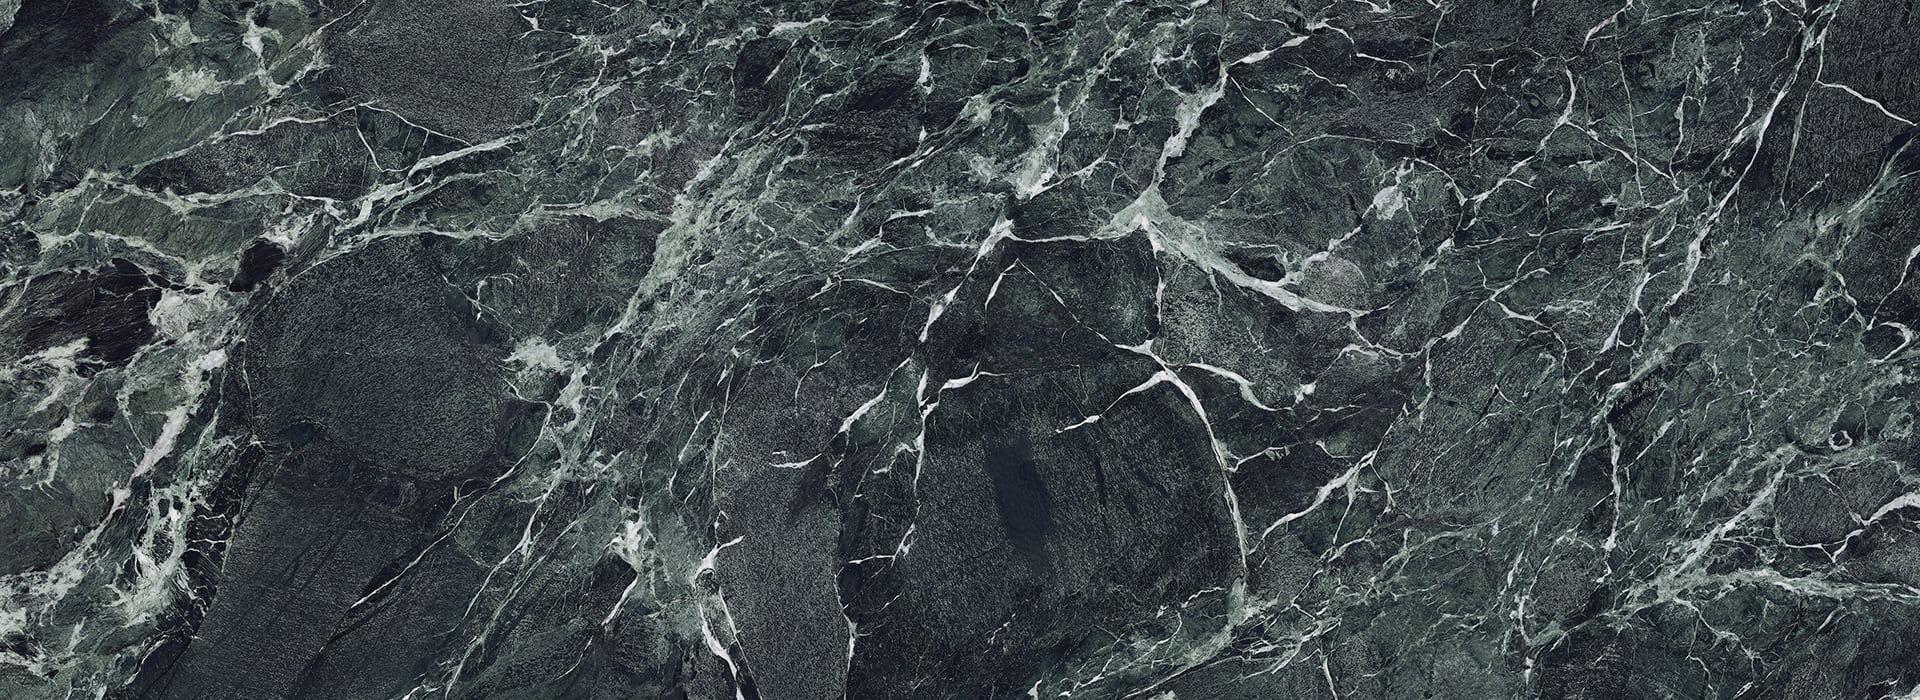 2 - Aosta Green Marble